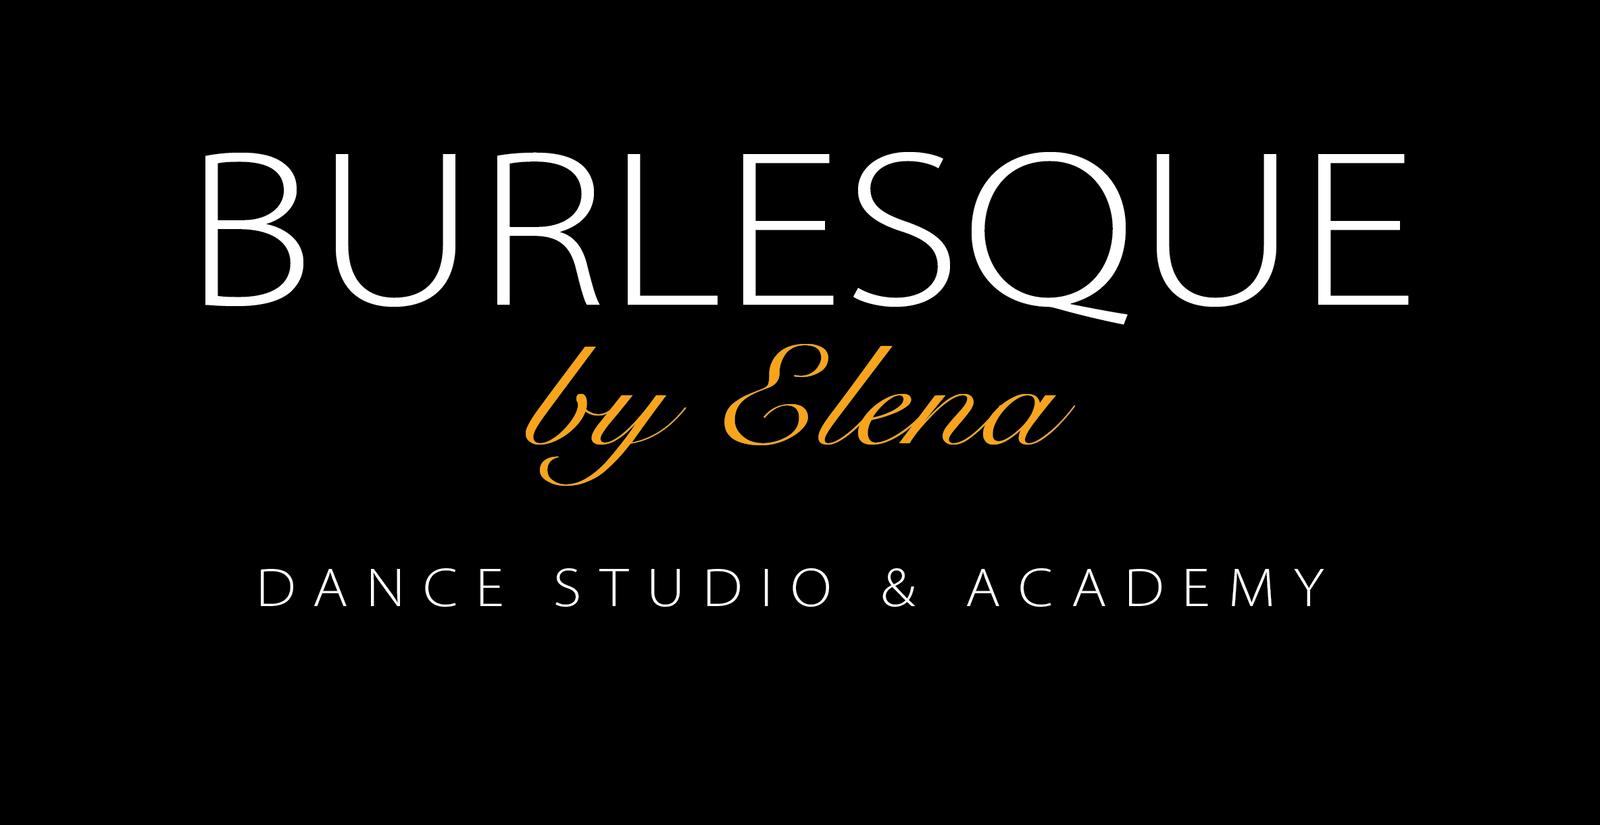 Συνέντευξη Έλενα Δάρα - Burlesque By Elena